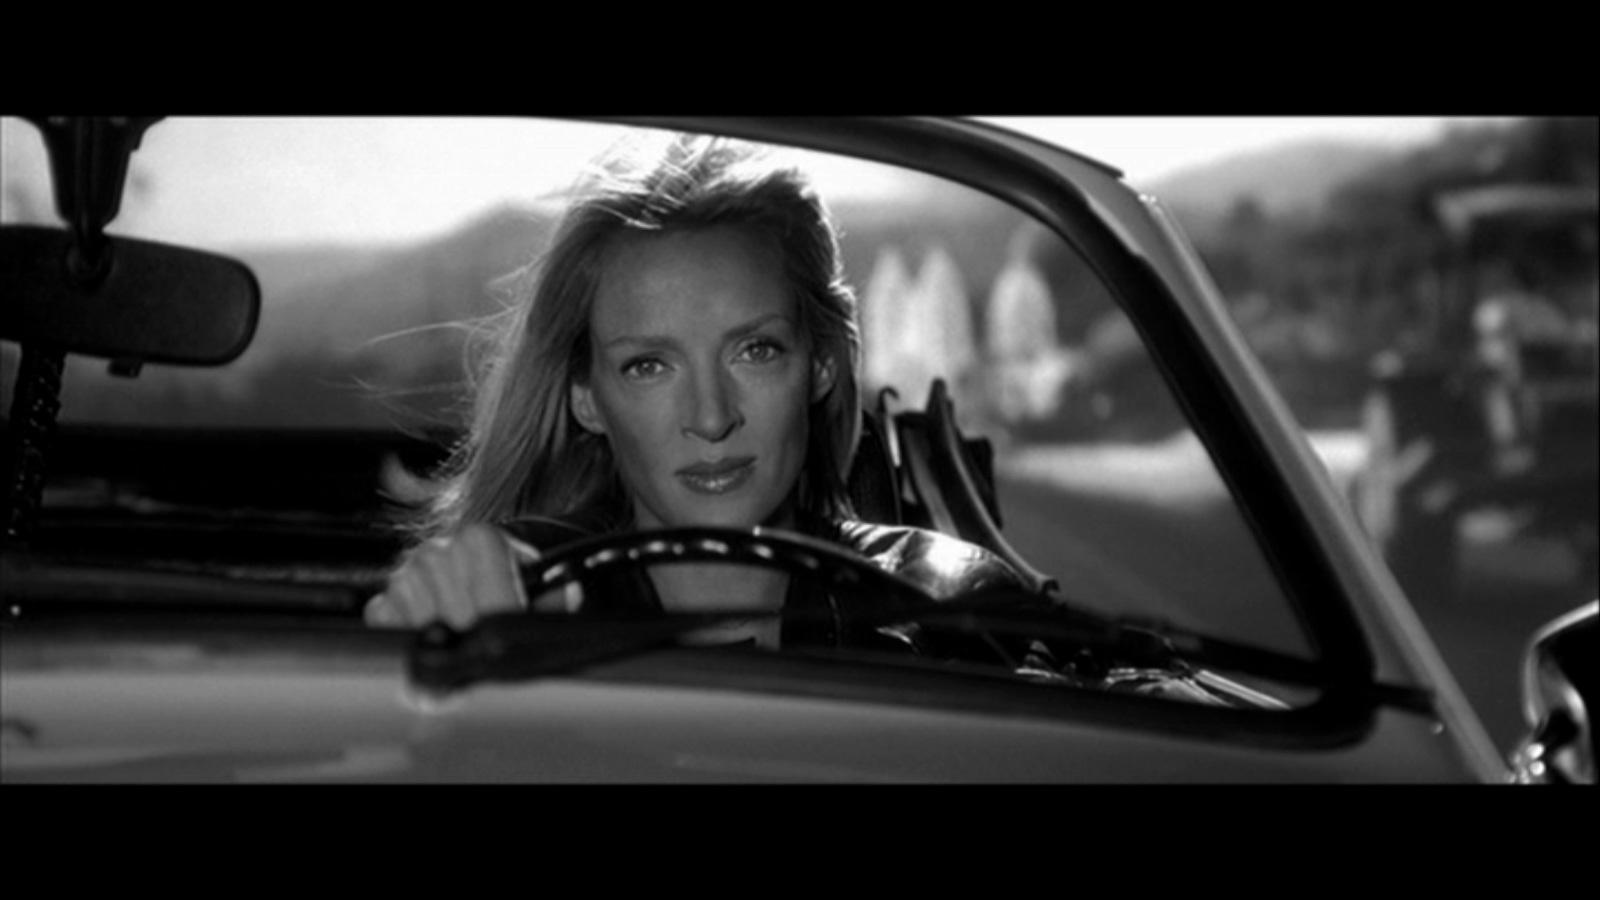 Car In Kill Bill